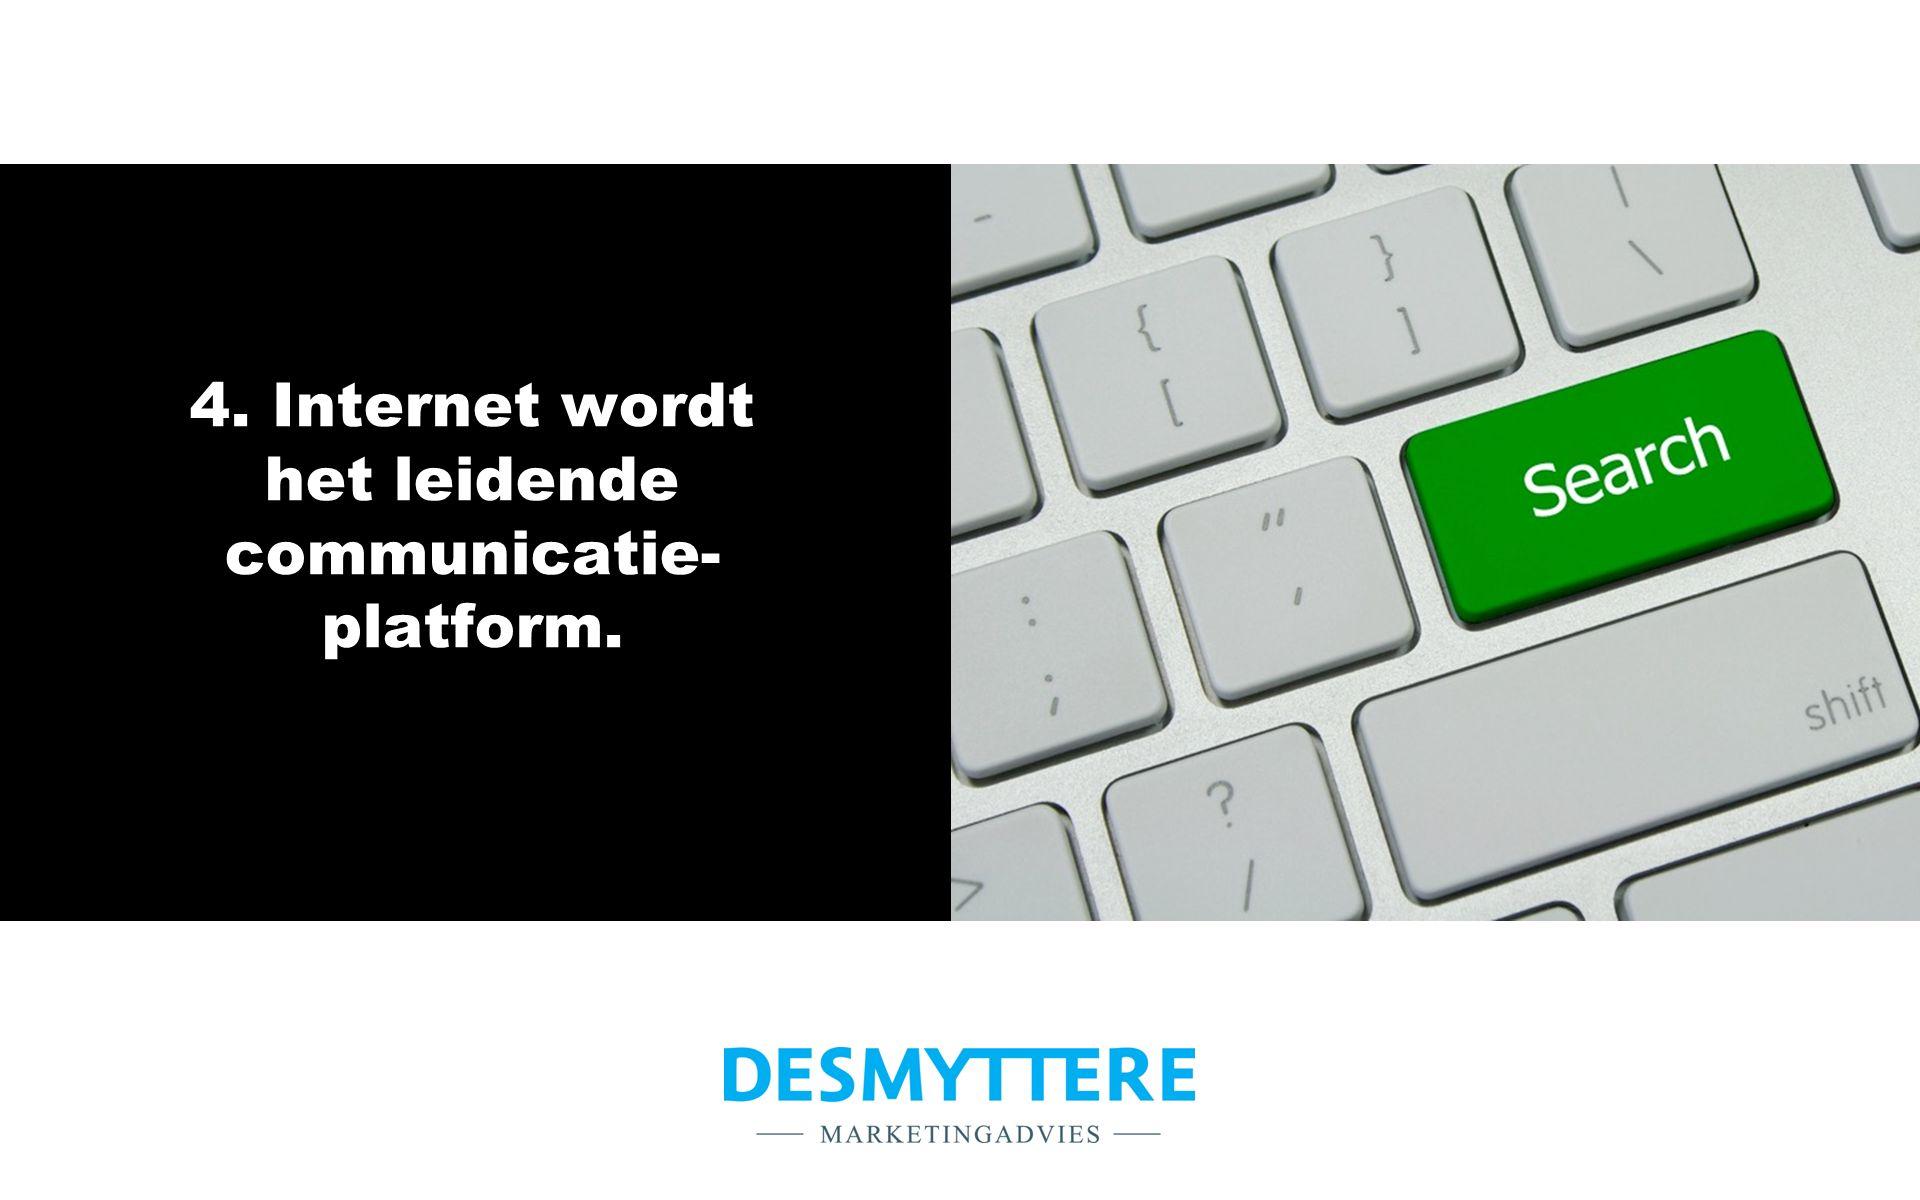 4. Internet wordt het leidende communicatie- platform.